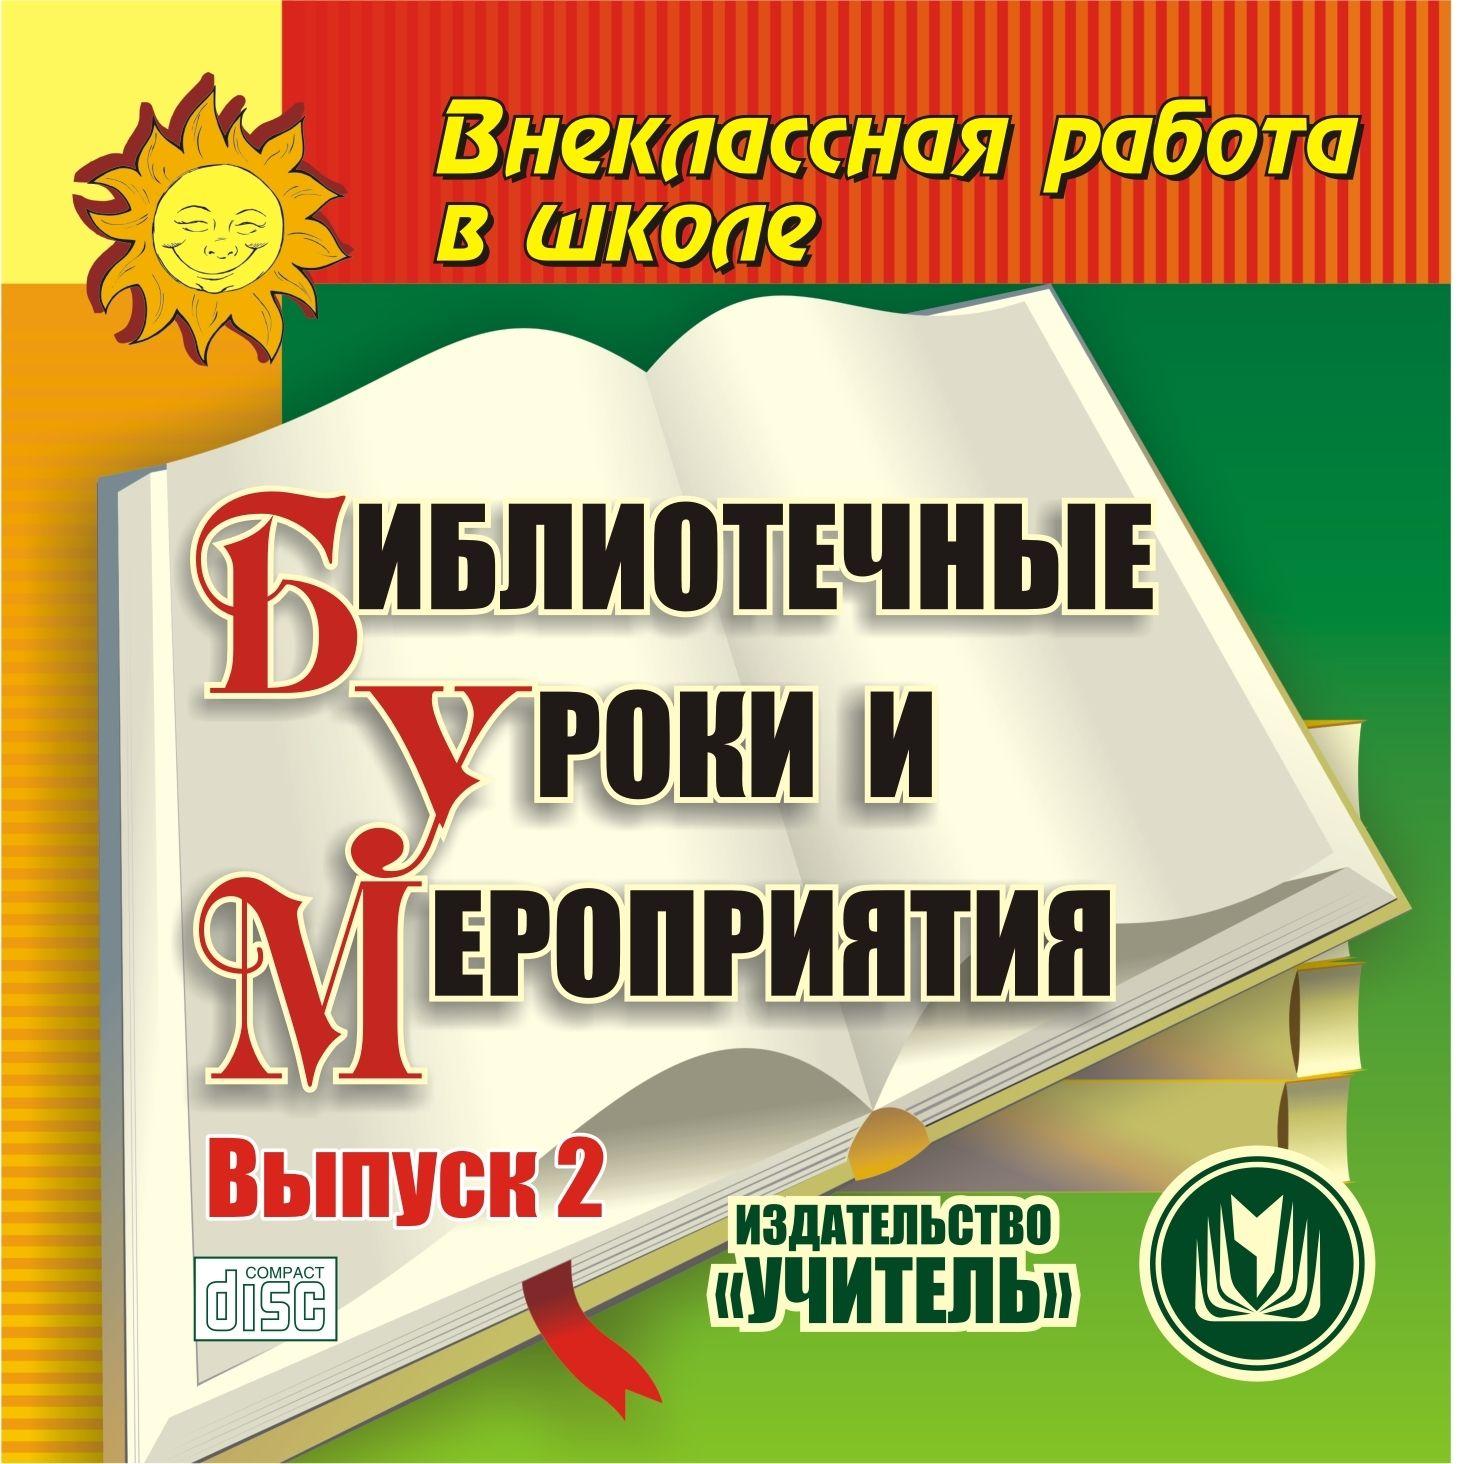 Библиотечные уроки и мероприятия. Выпуск 2. Компакт-диск для компьютера